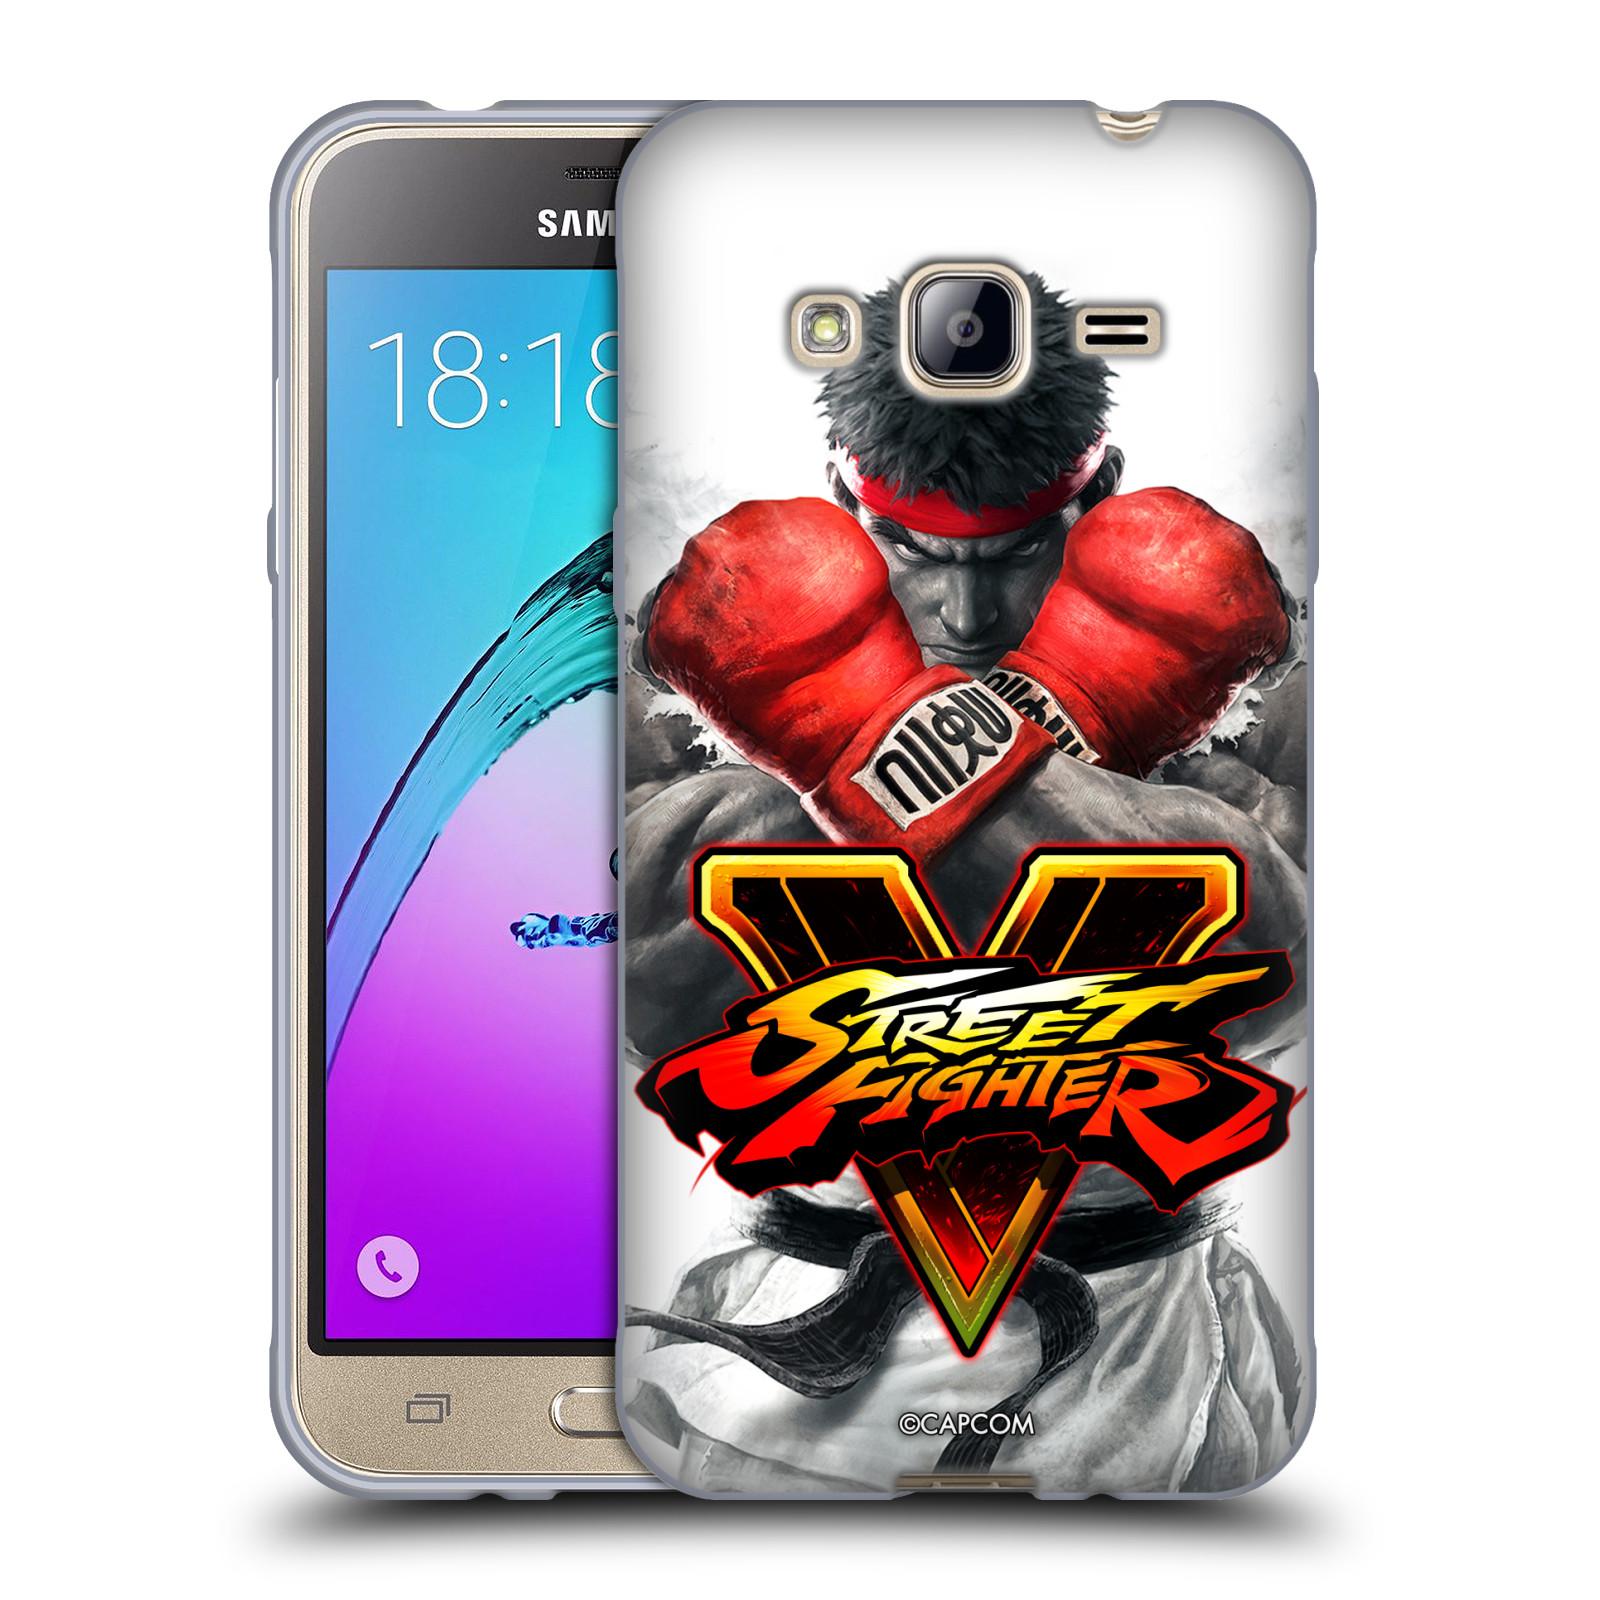 HEAD CASE silikonový obal na mobil Samsung Galaxy J3, J3 2016 oficiální kryt STREET FIGHTER Boxer Ryu